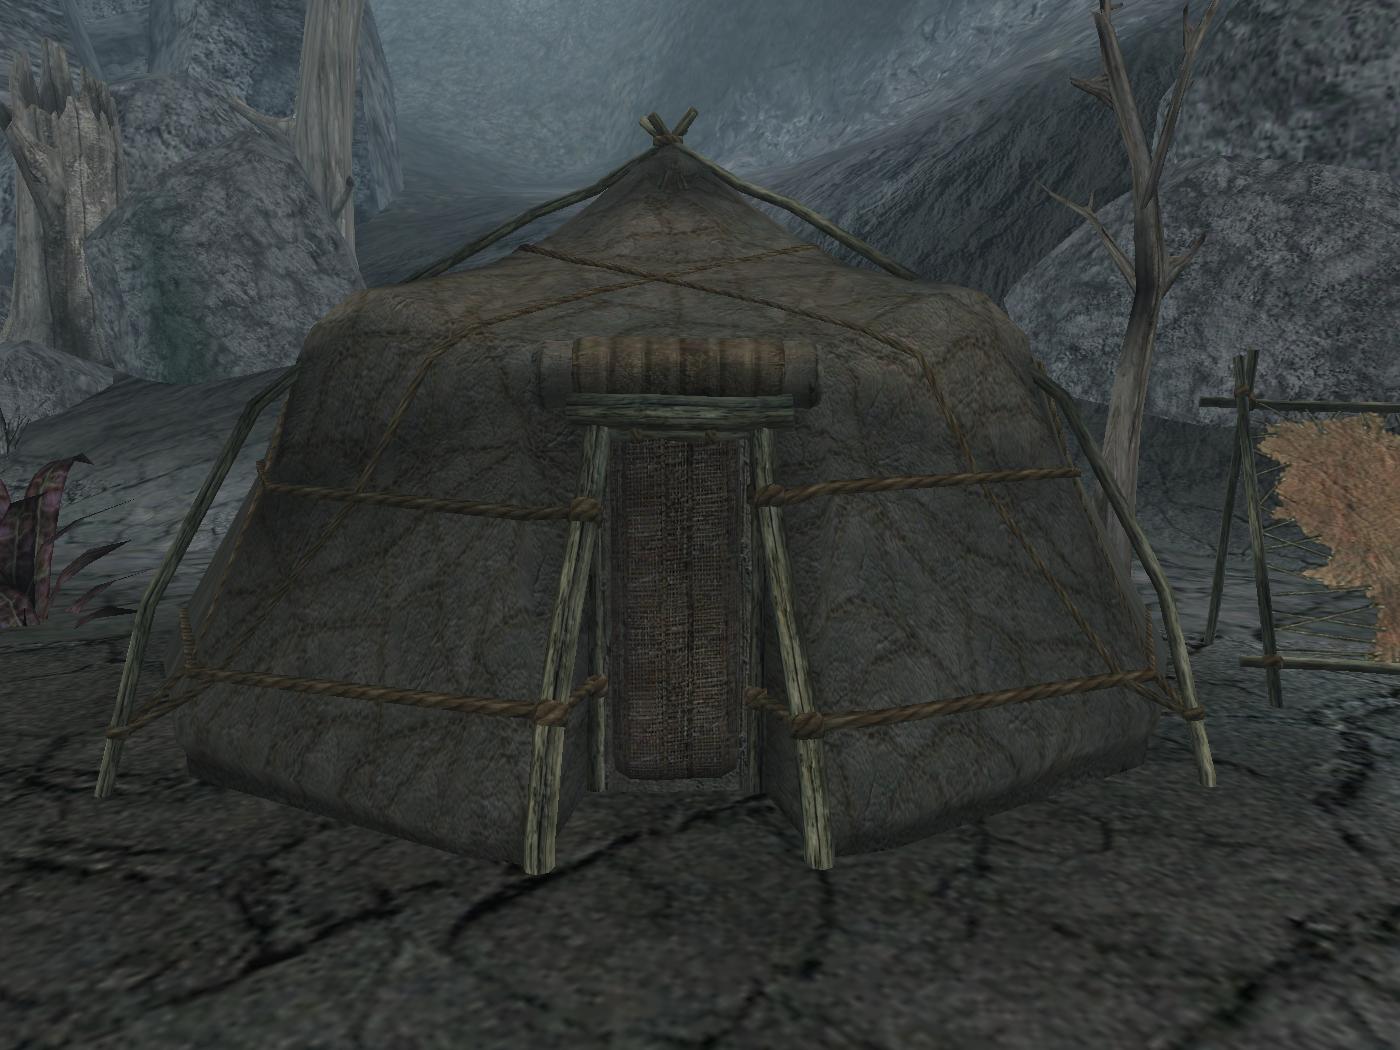 Addut-Lamanu's Yurt